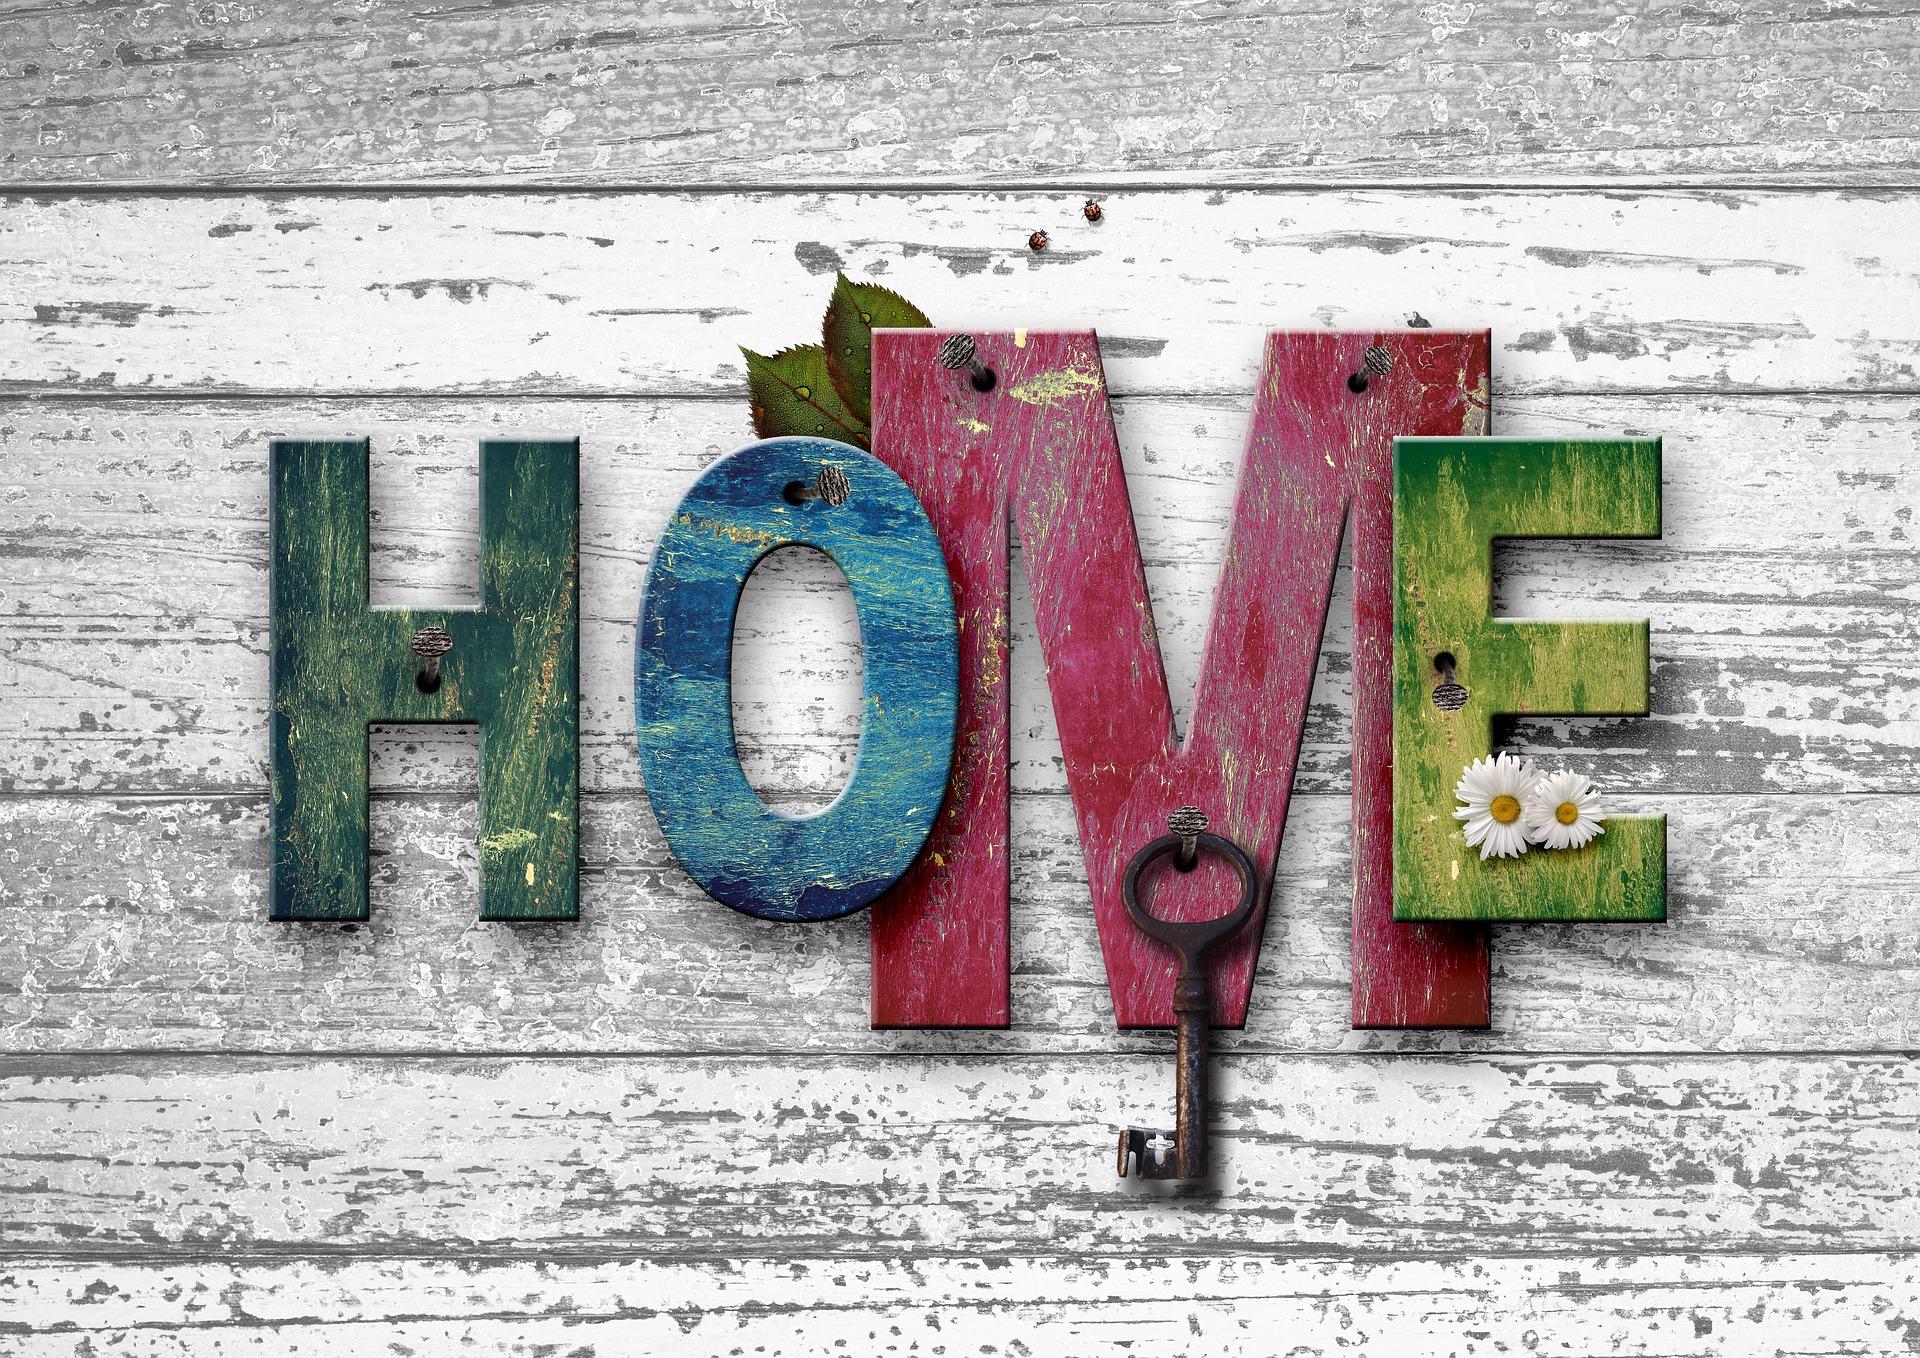 024-657-834 en Pixabay